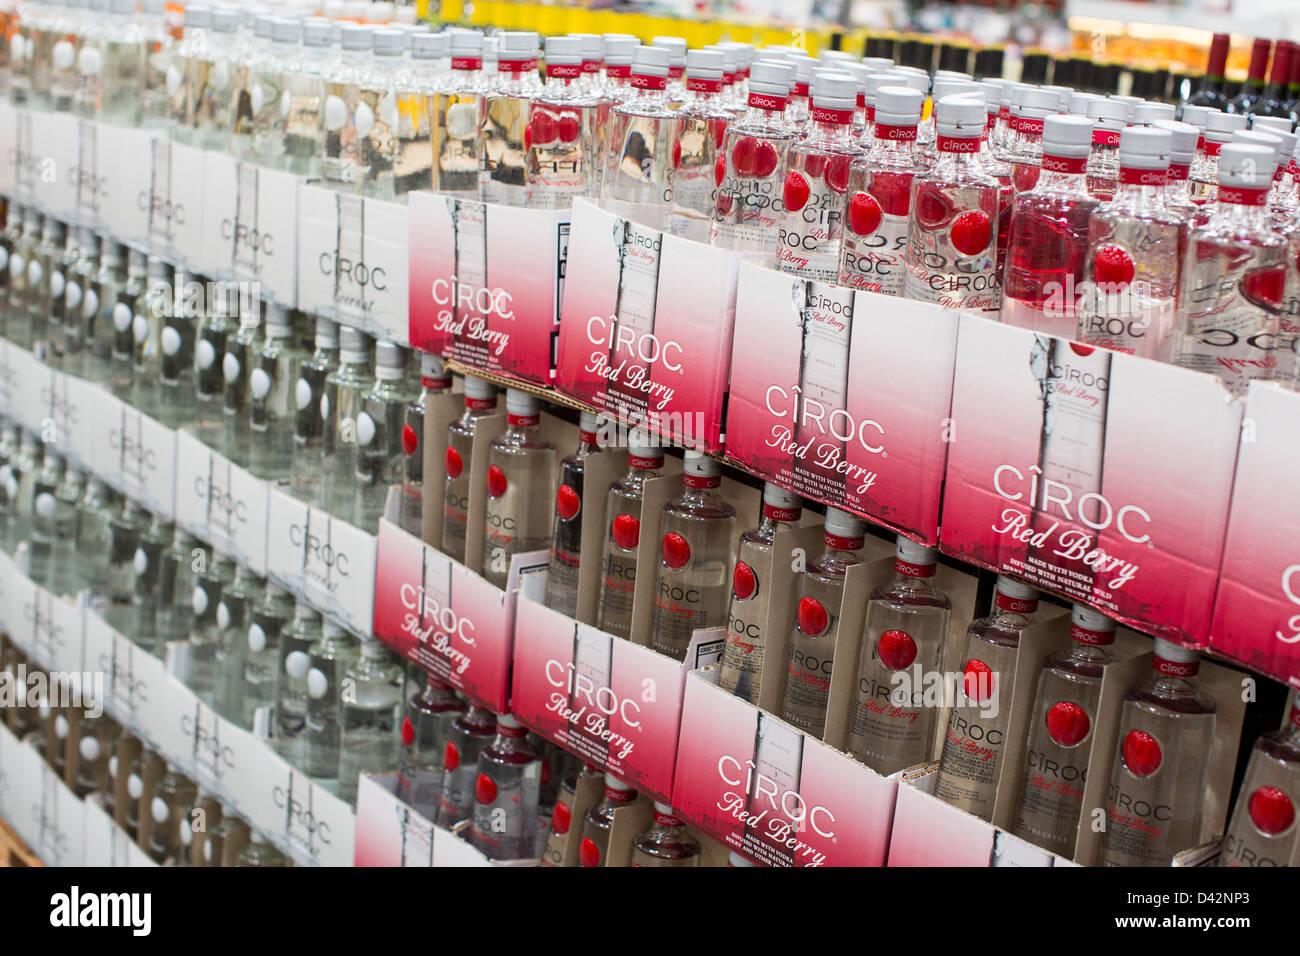 Ciroc Stock Photos & Ciroc Stock Images - Alamy